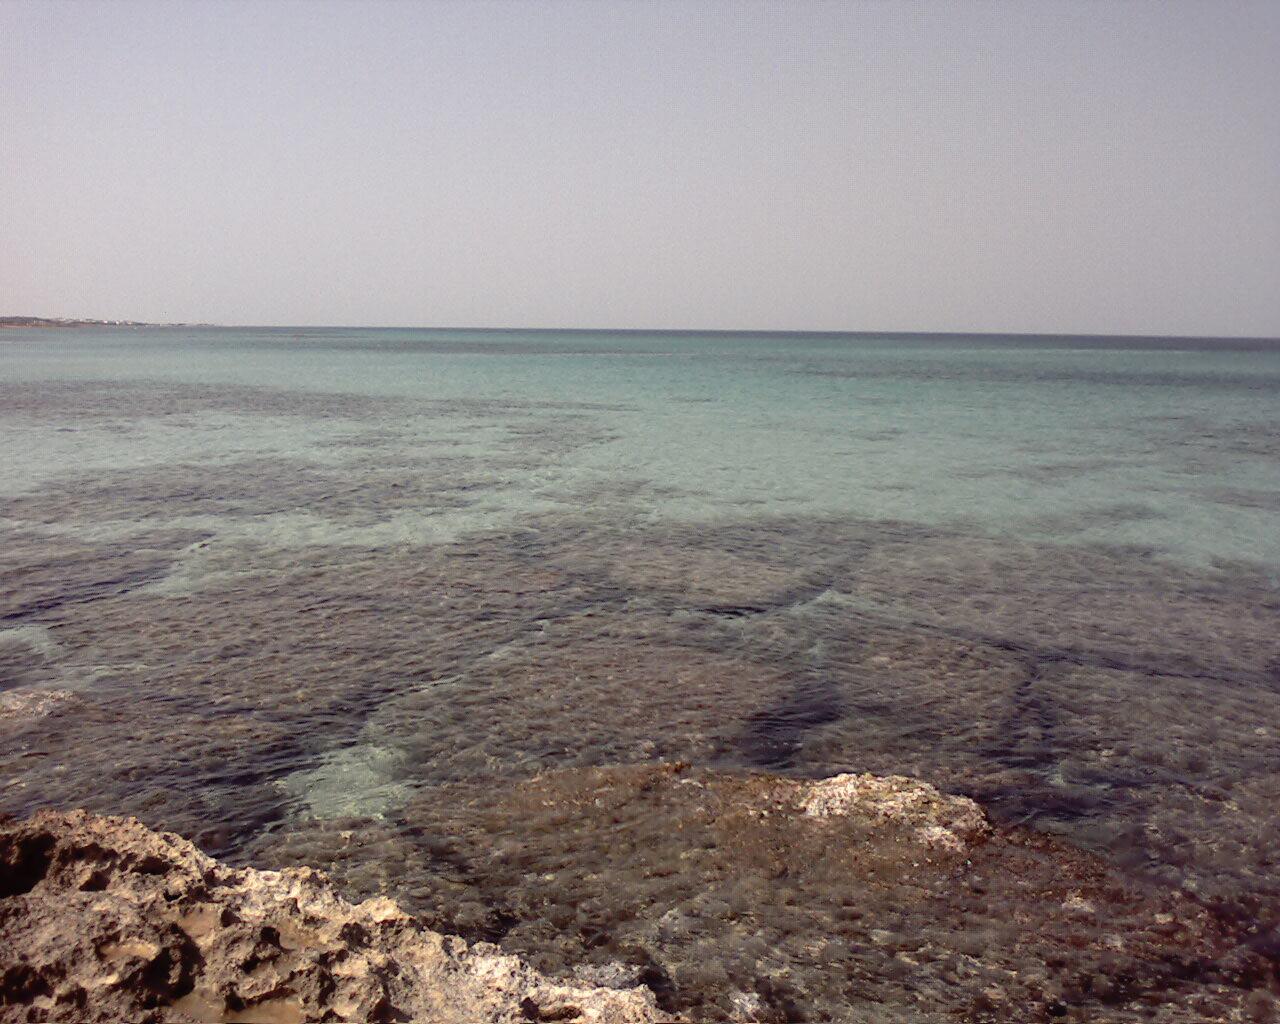 Spiaggia di Pantanagianni (BR)-immagine-019.jpg